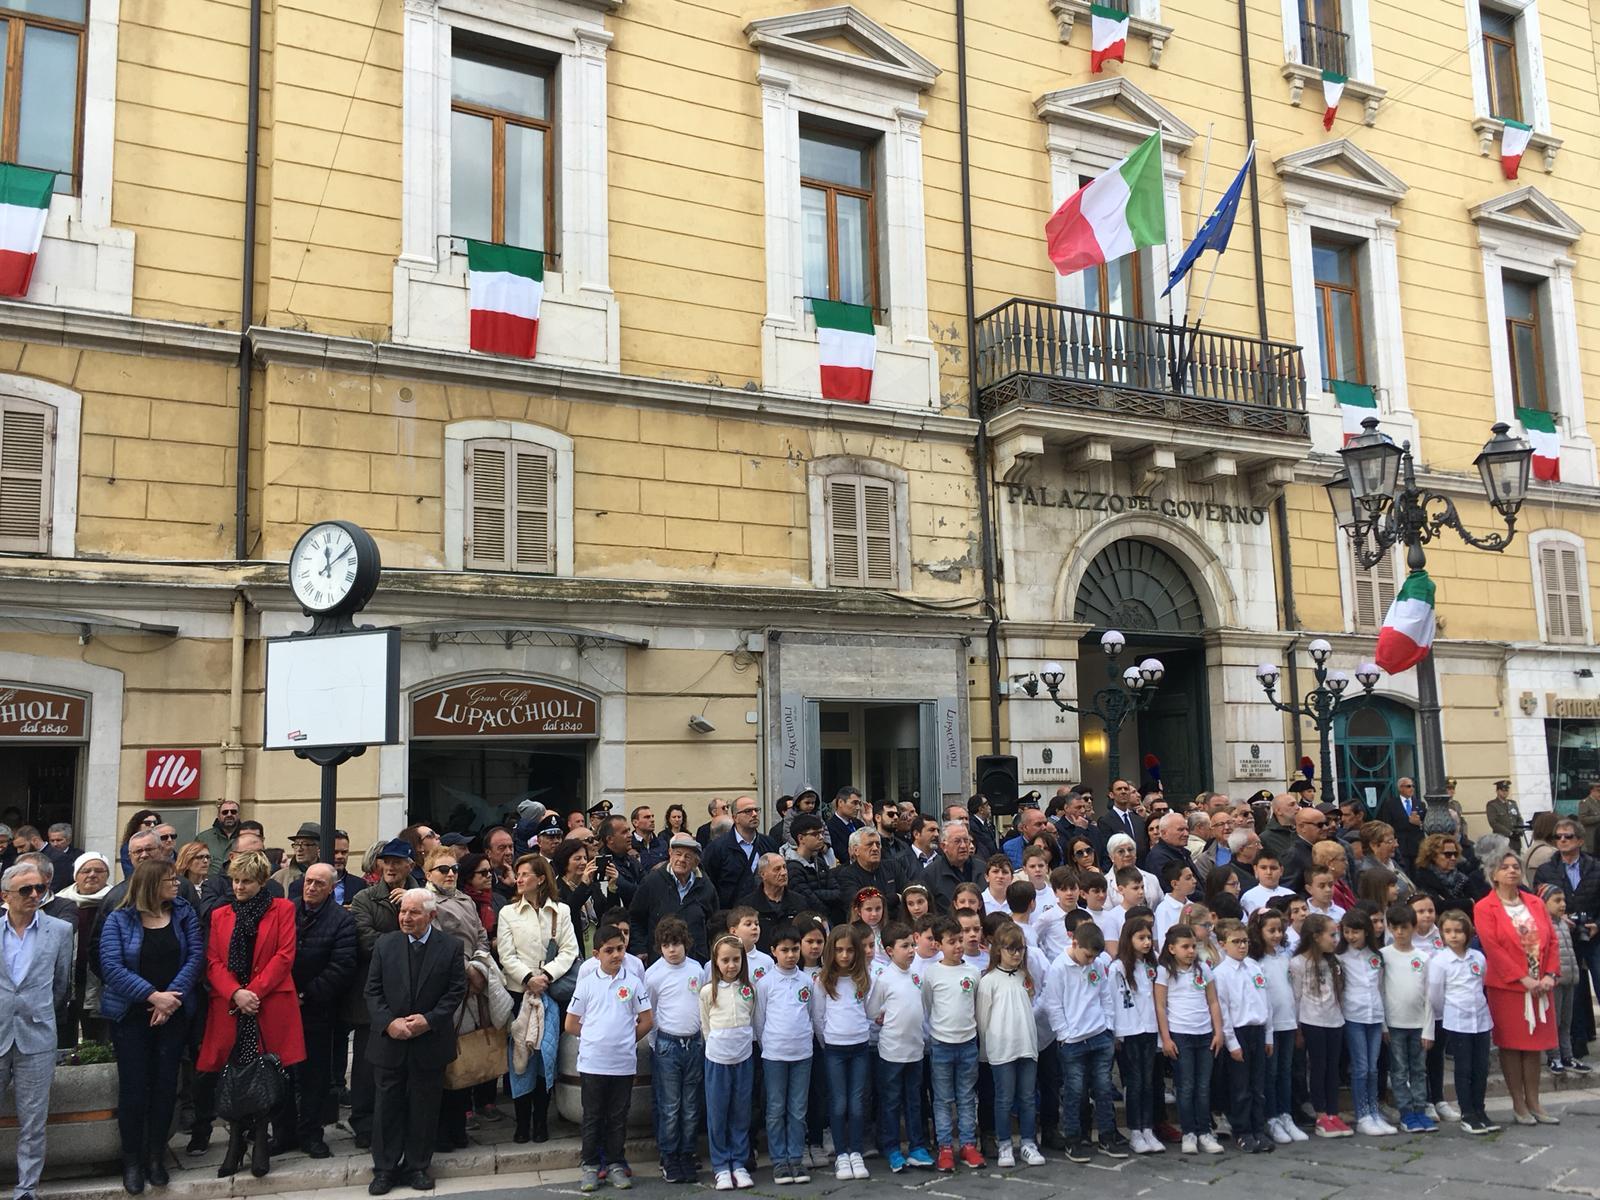 2 giugno 2019 – L'Inno d'Italia cantato dagli alunni della Jovine